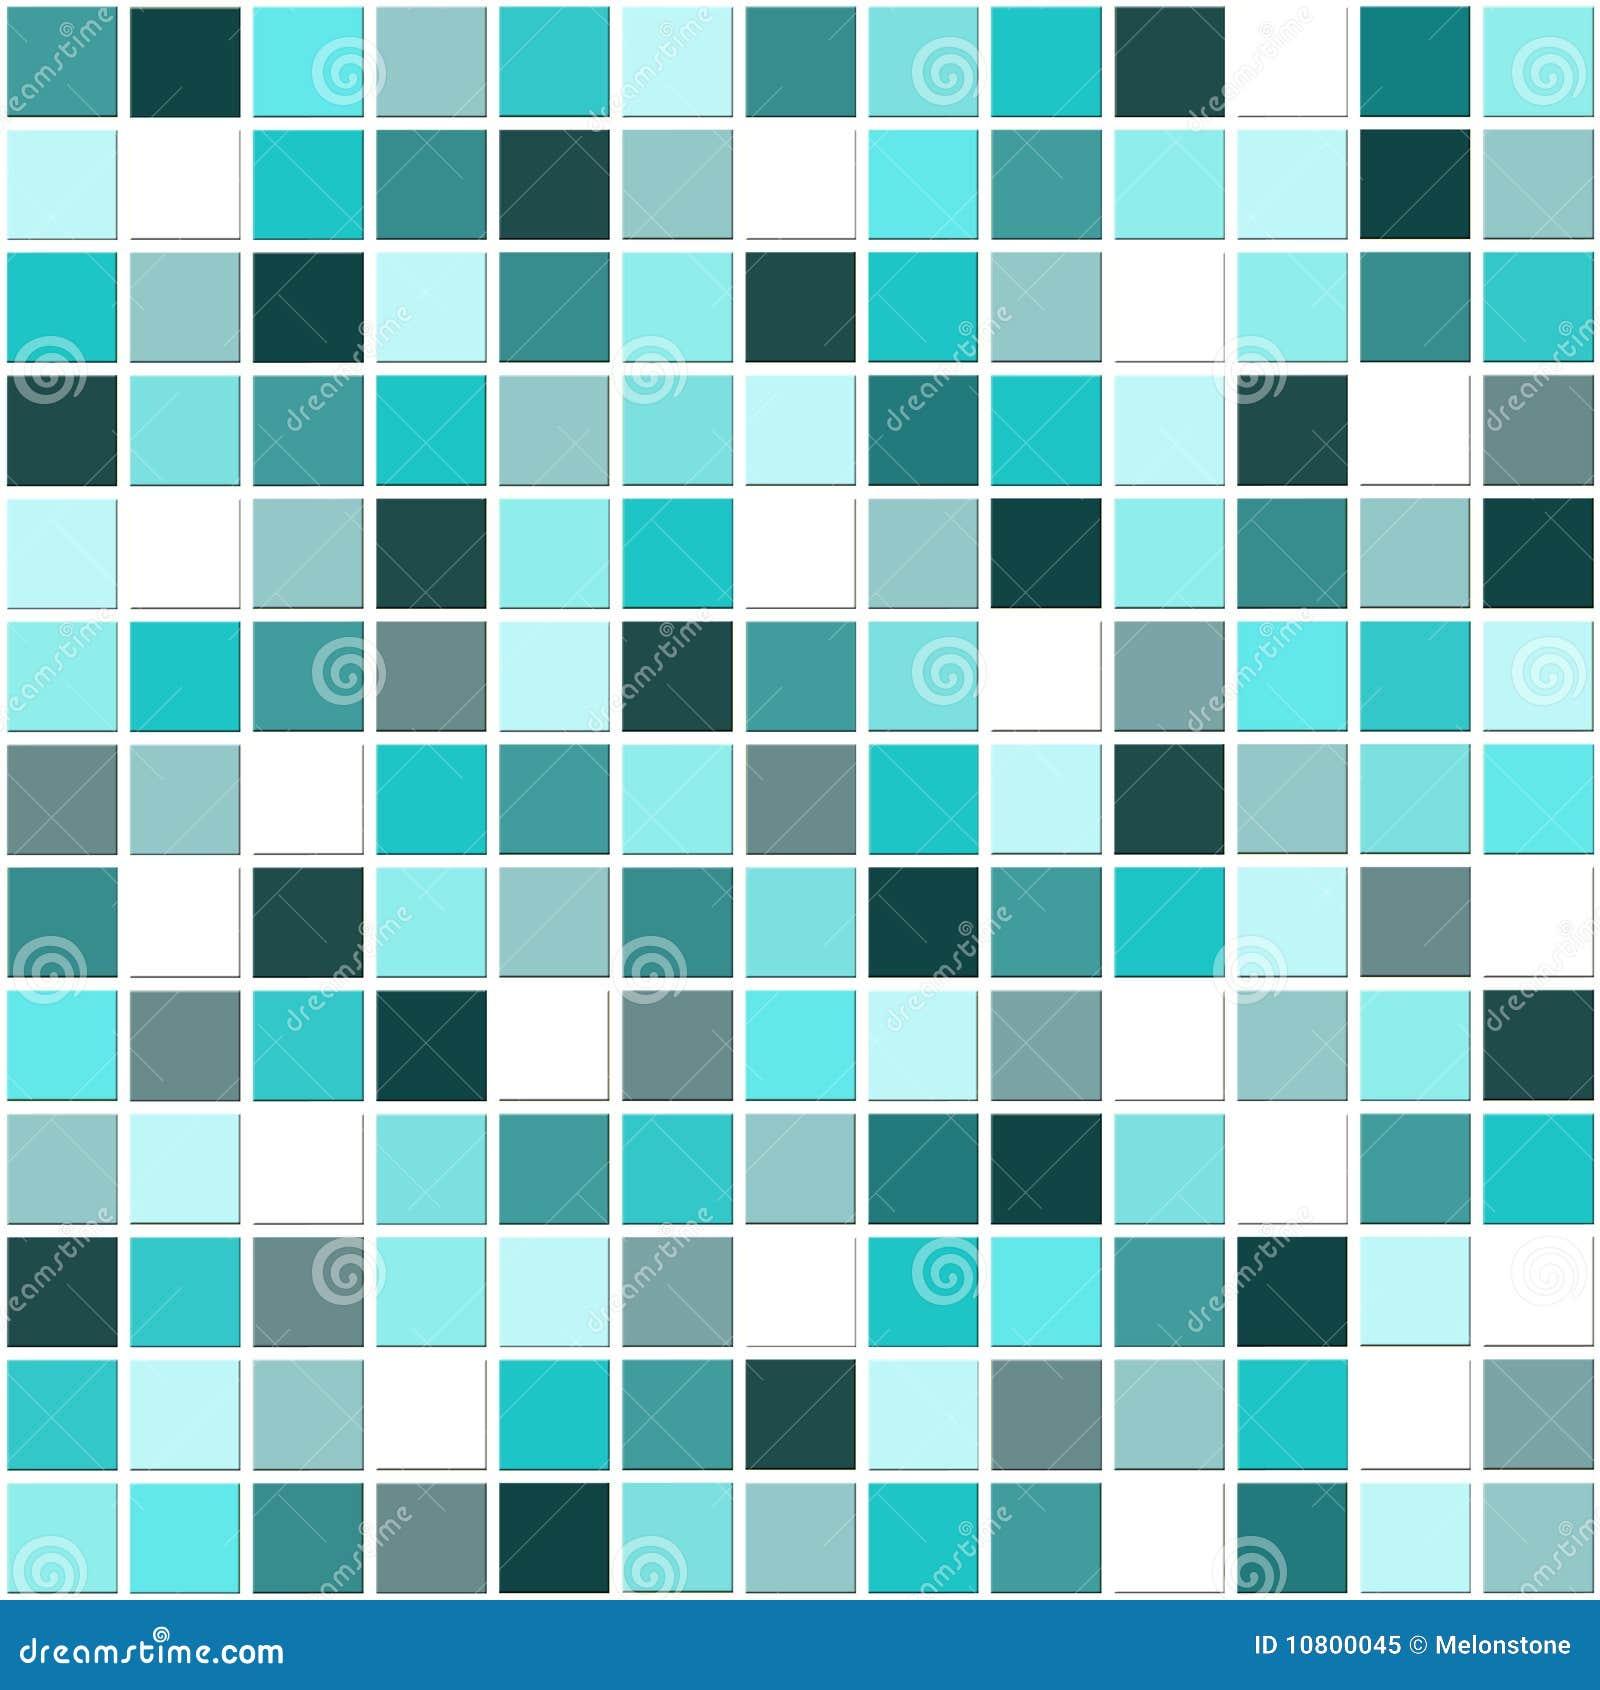 Download Mosaik Blau Stock Abbildung. Illustration Von Dekor, Badezimmer    10800045